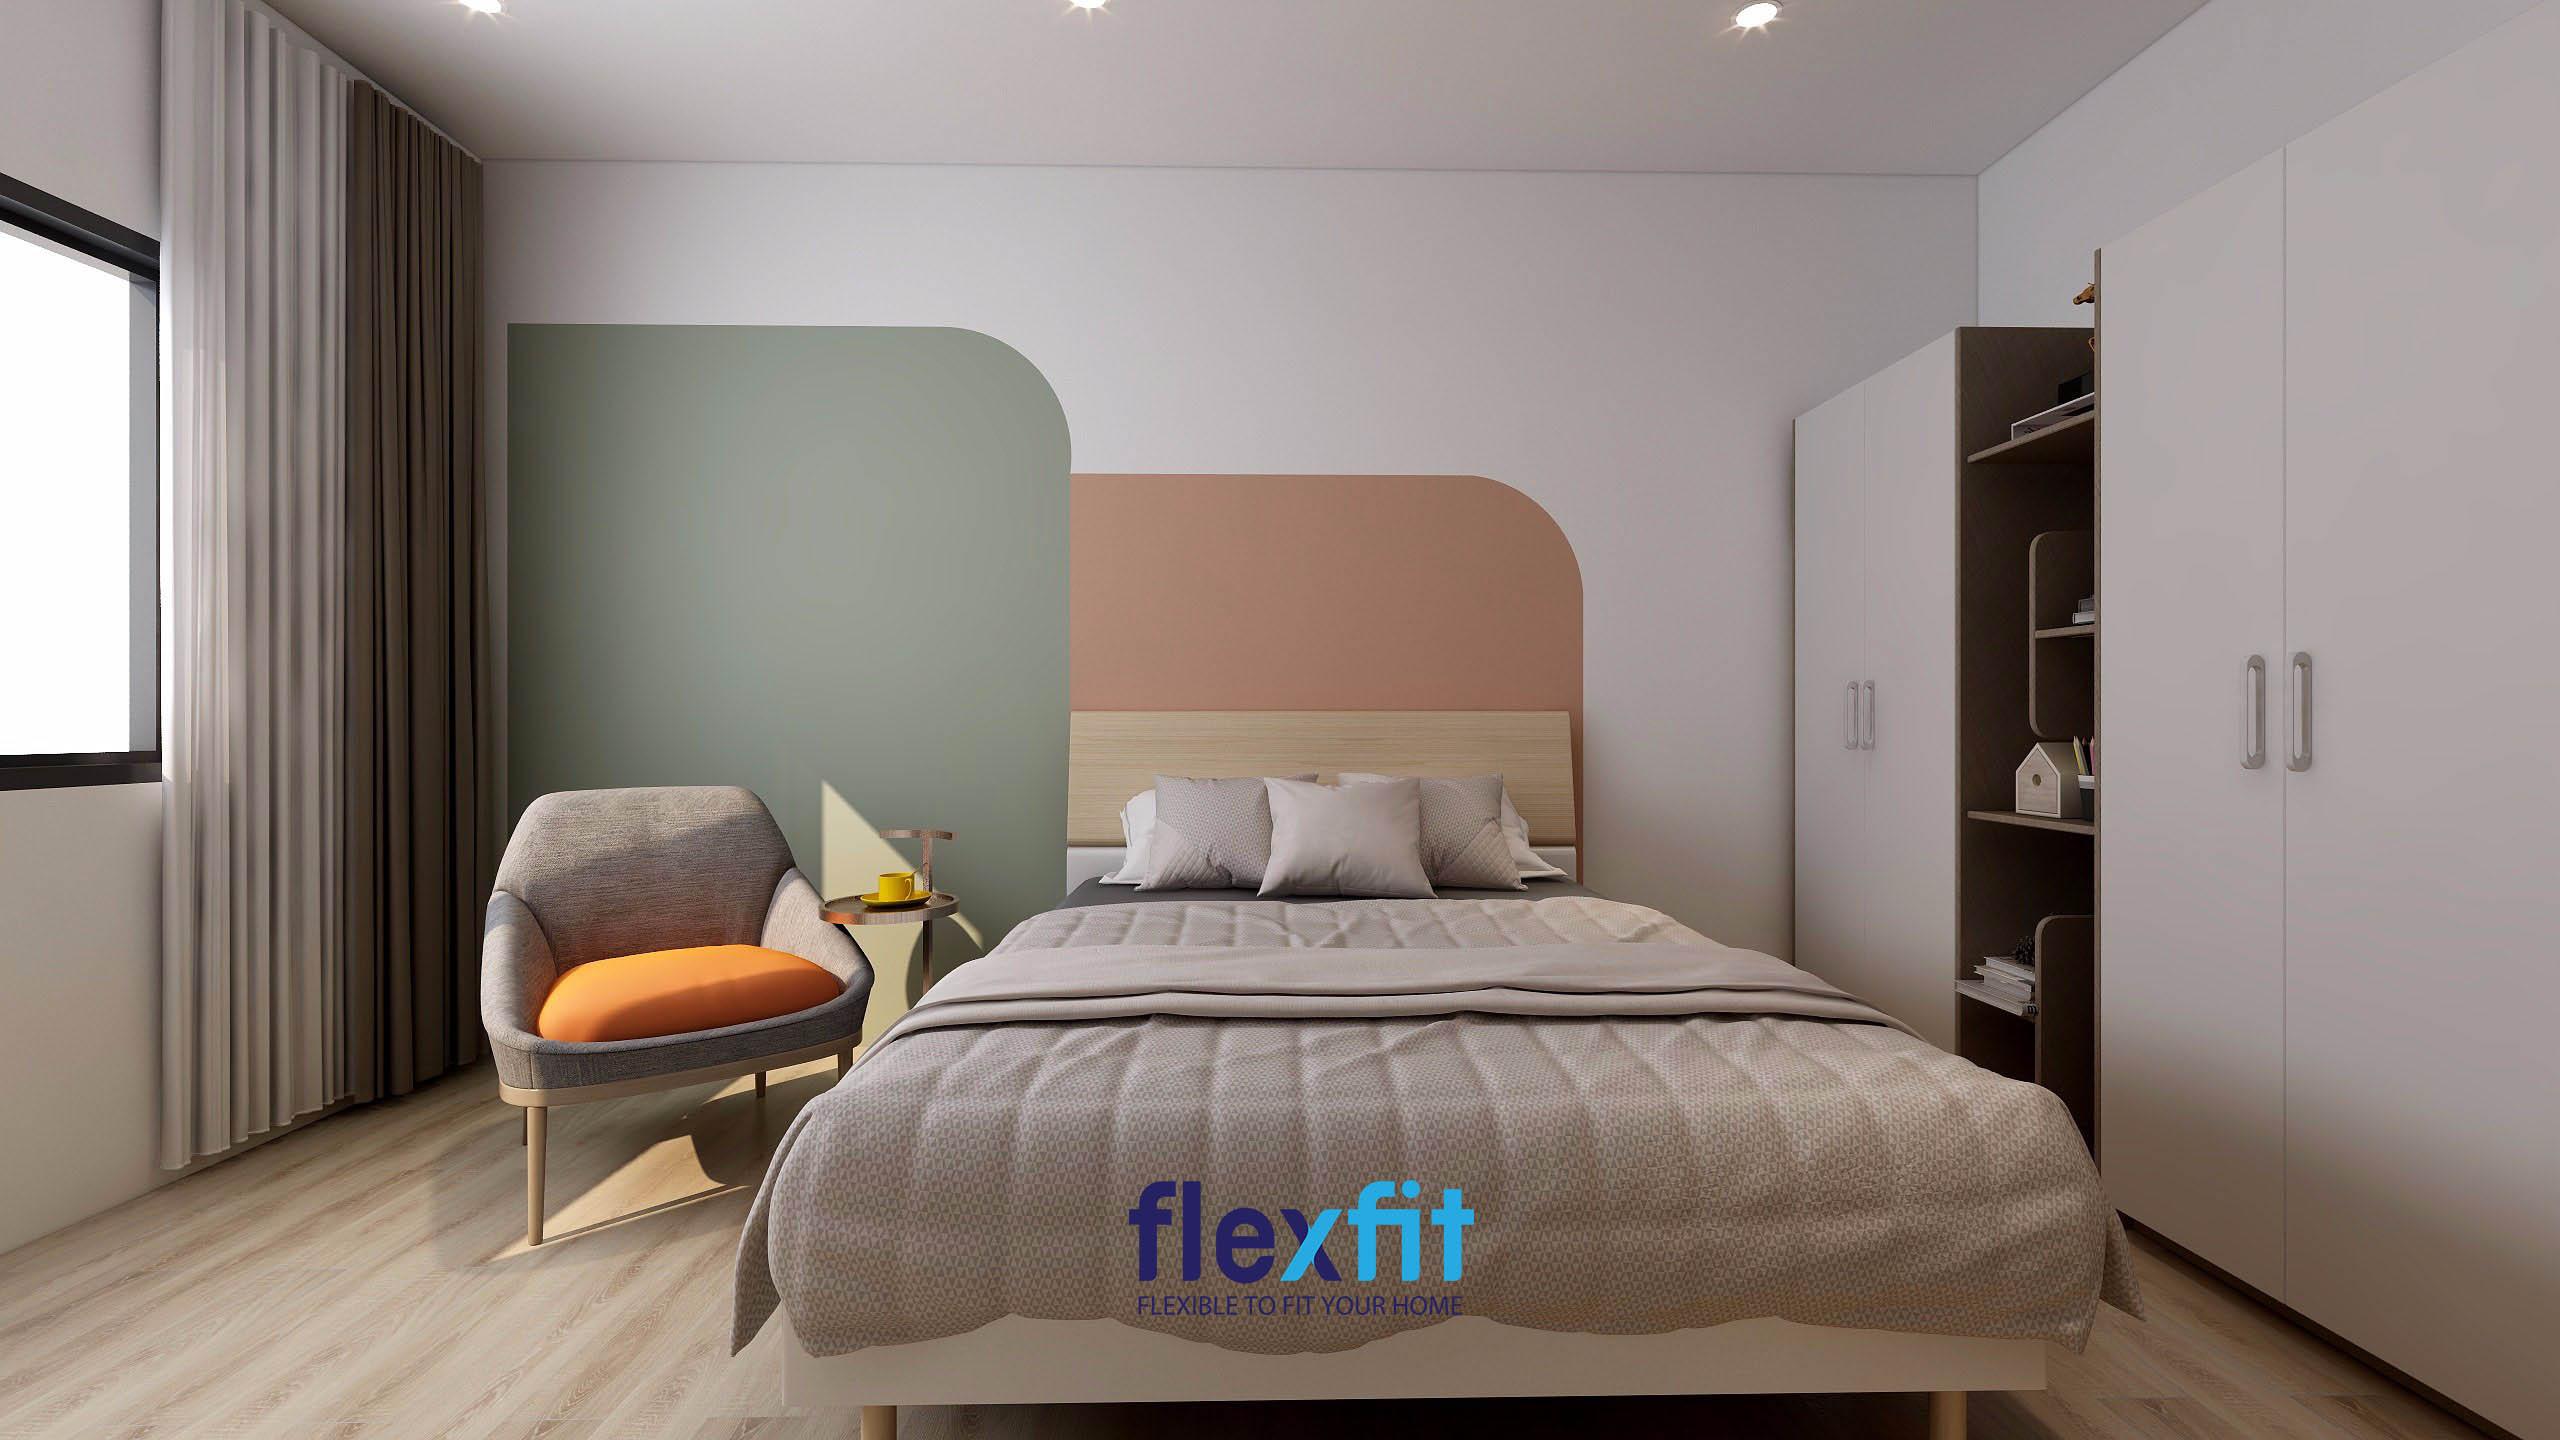 Hướng giường ngủ có ý nghĩa quan trọng trong bố trí nội thất hợp phong thủy.